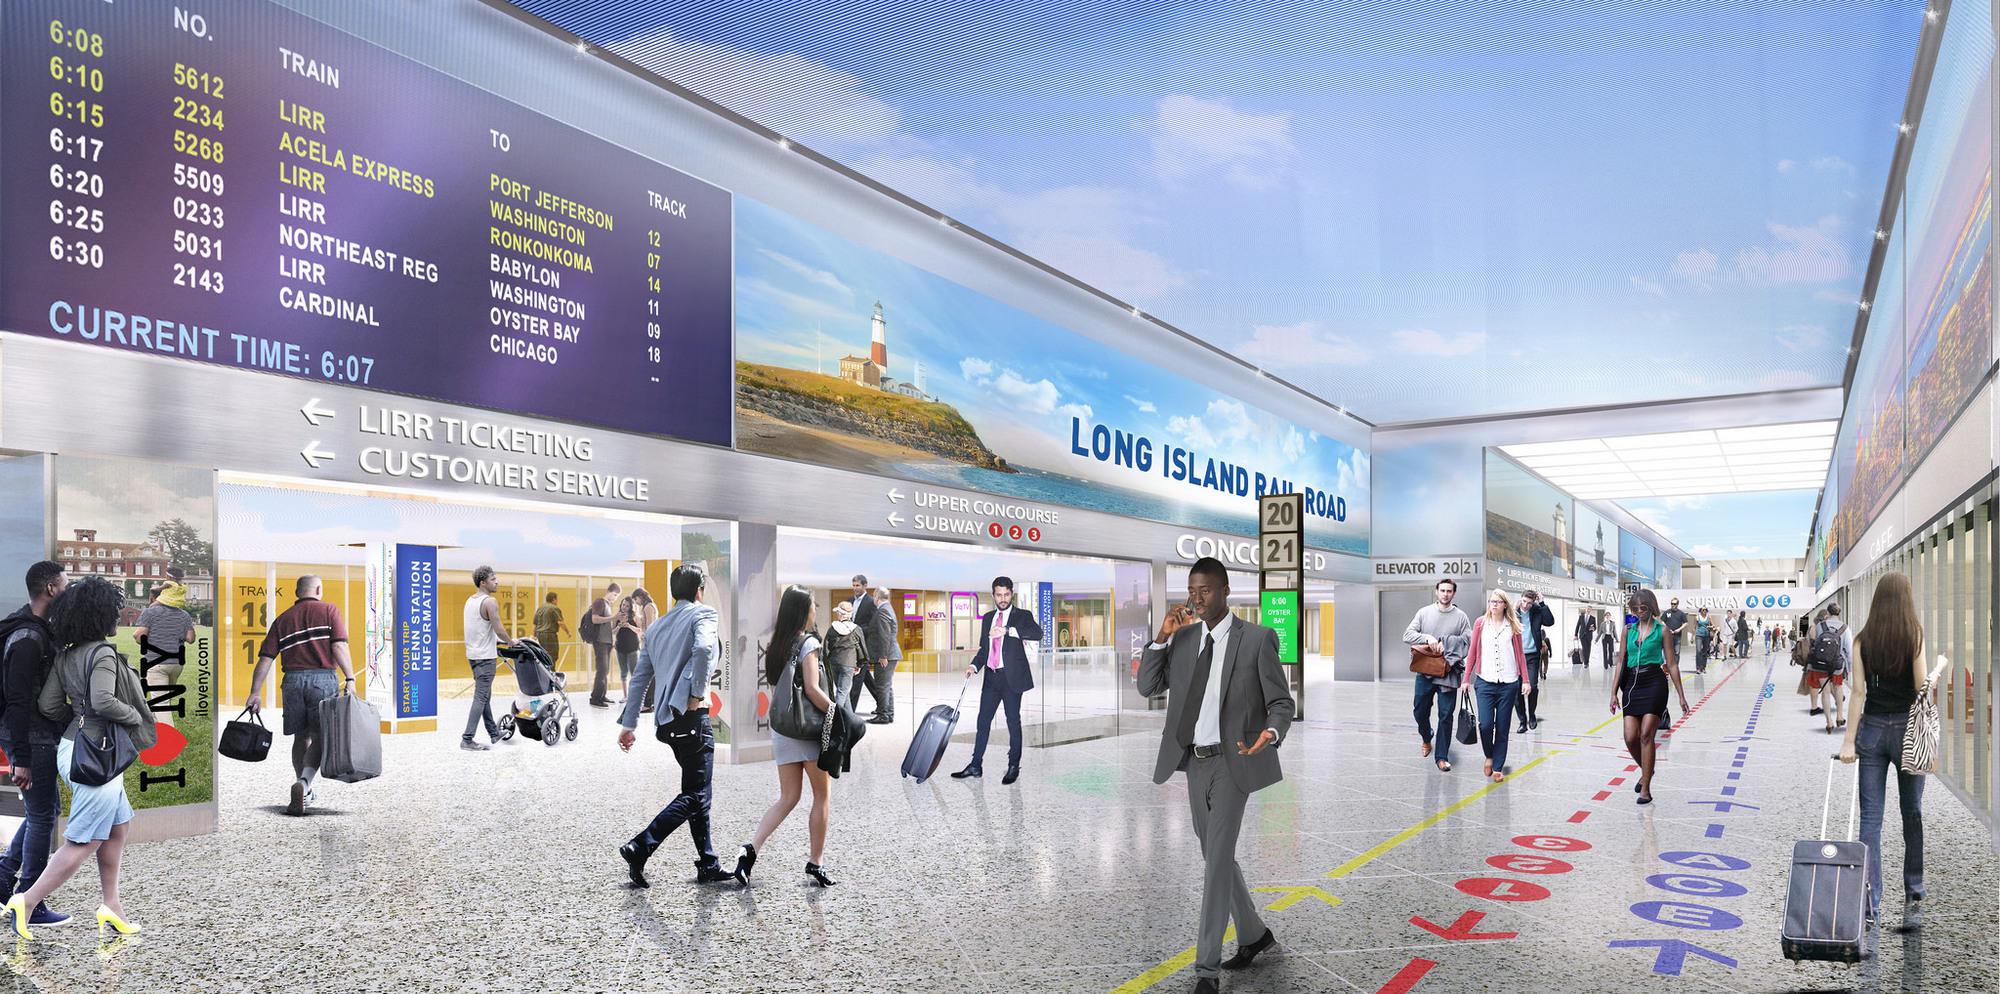 План реконструкции Penn Station представил губернатор штата Нью-Йорк Эндрю Куомо. По словам политика, источники финансирования длястроительства новой железнодорожной станции уже найдены, пишет New York Times